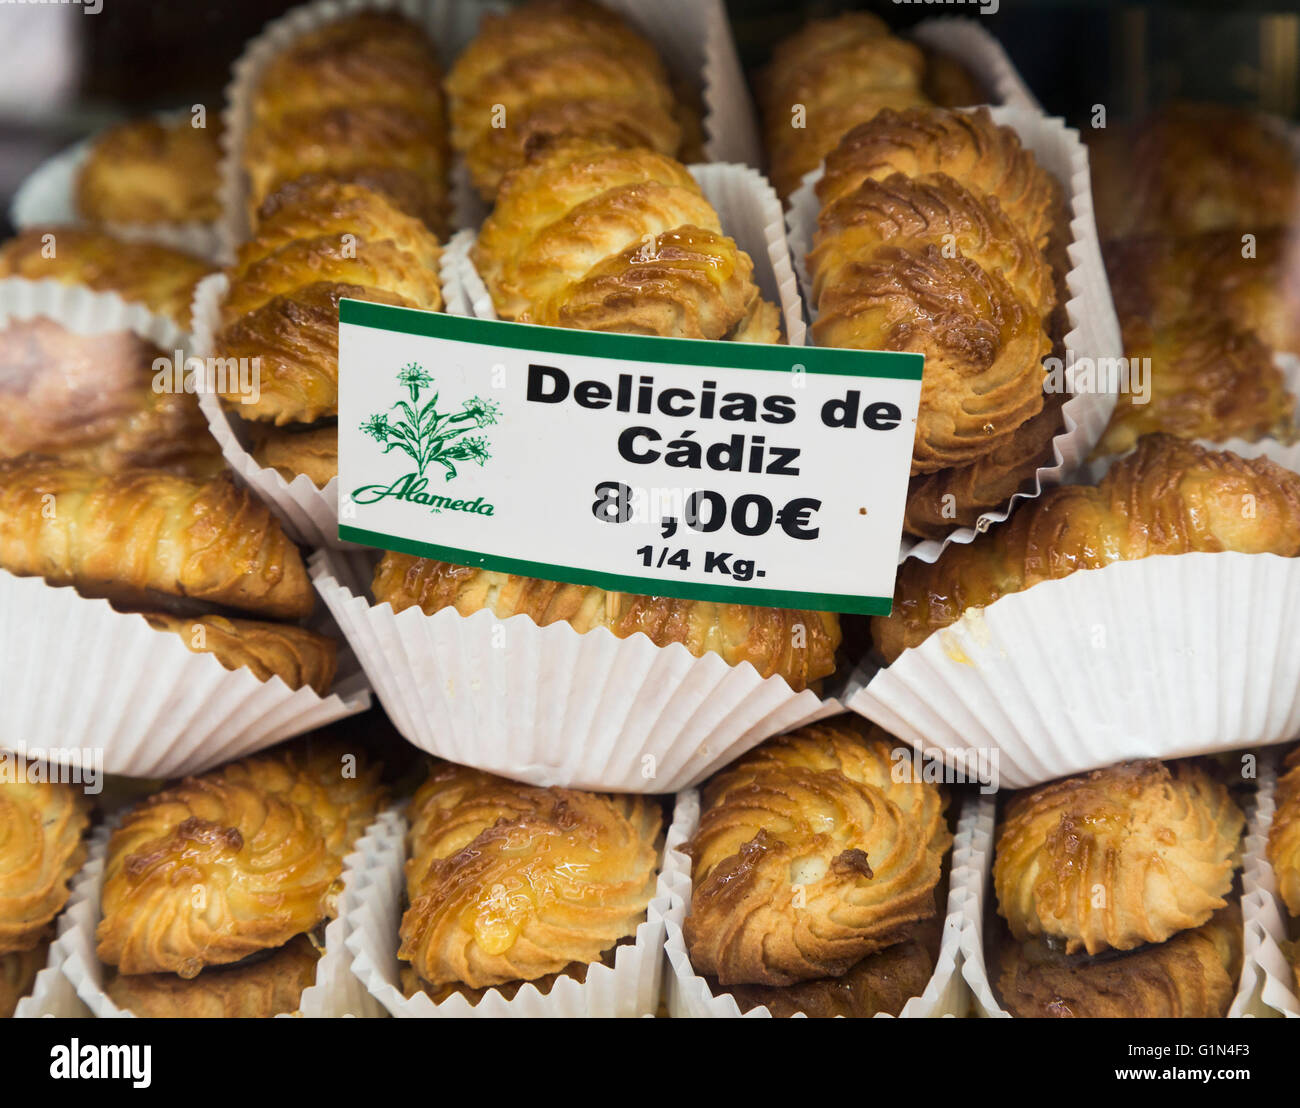 Cadix, Province de Cadix, Andalousie, Espagne du sud. Delicias de Cadiz. Des gâteaux typiques de la ville. Banque D'Images